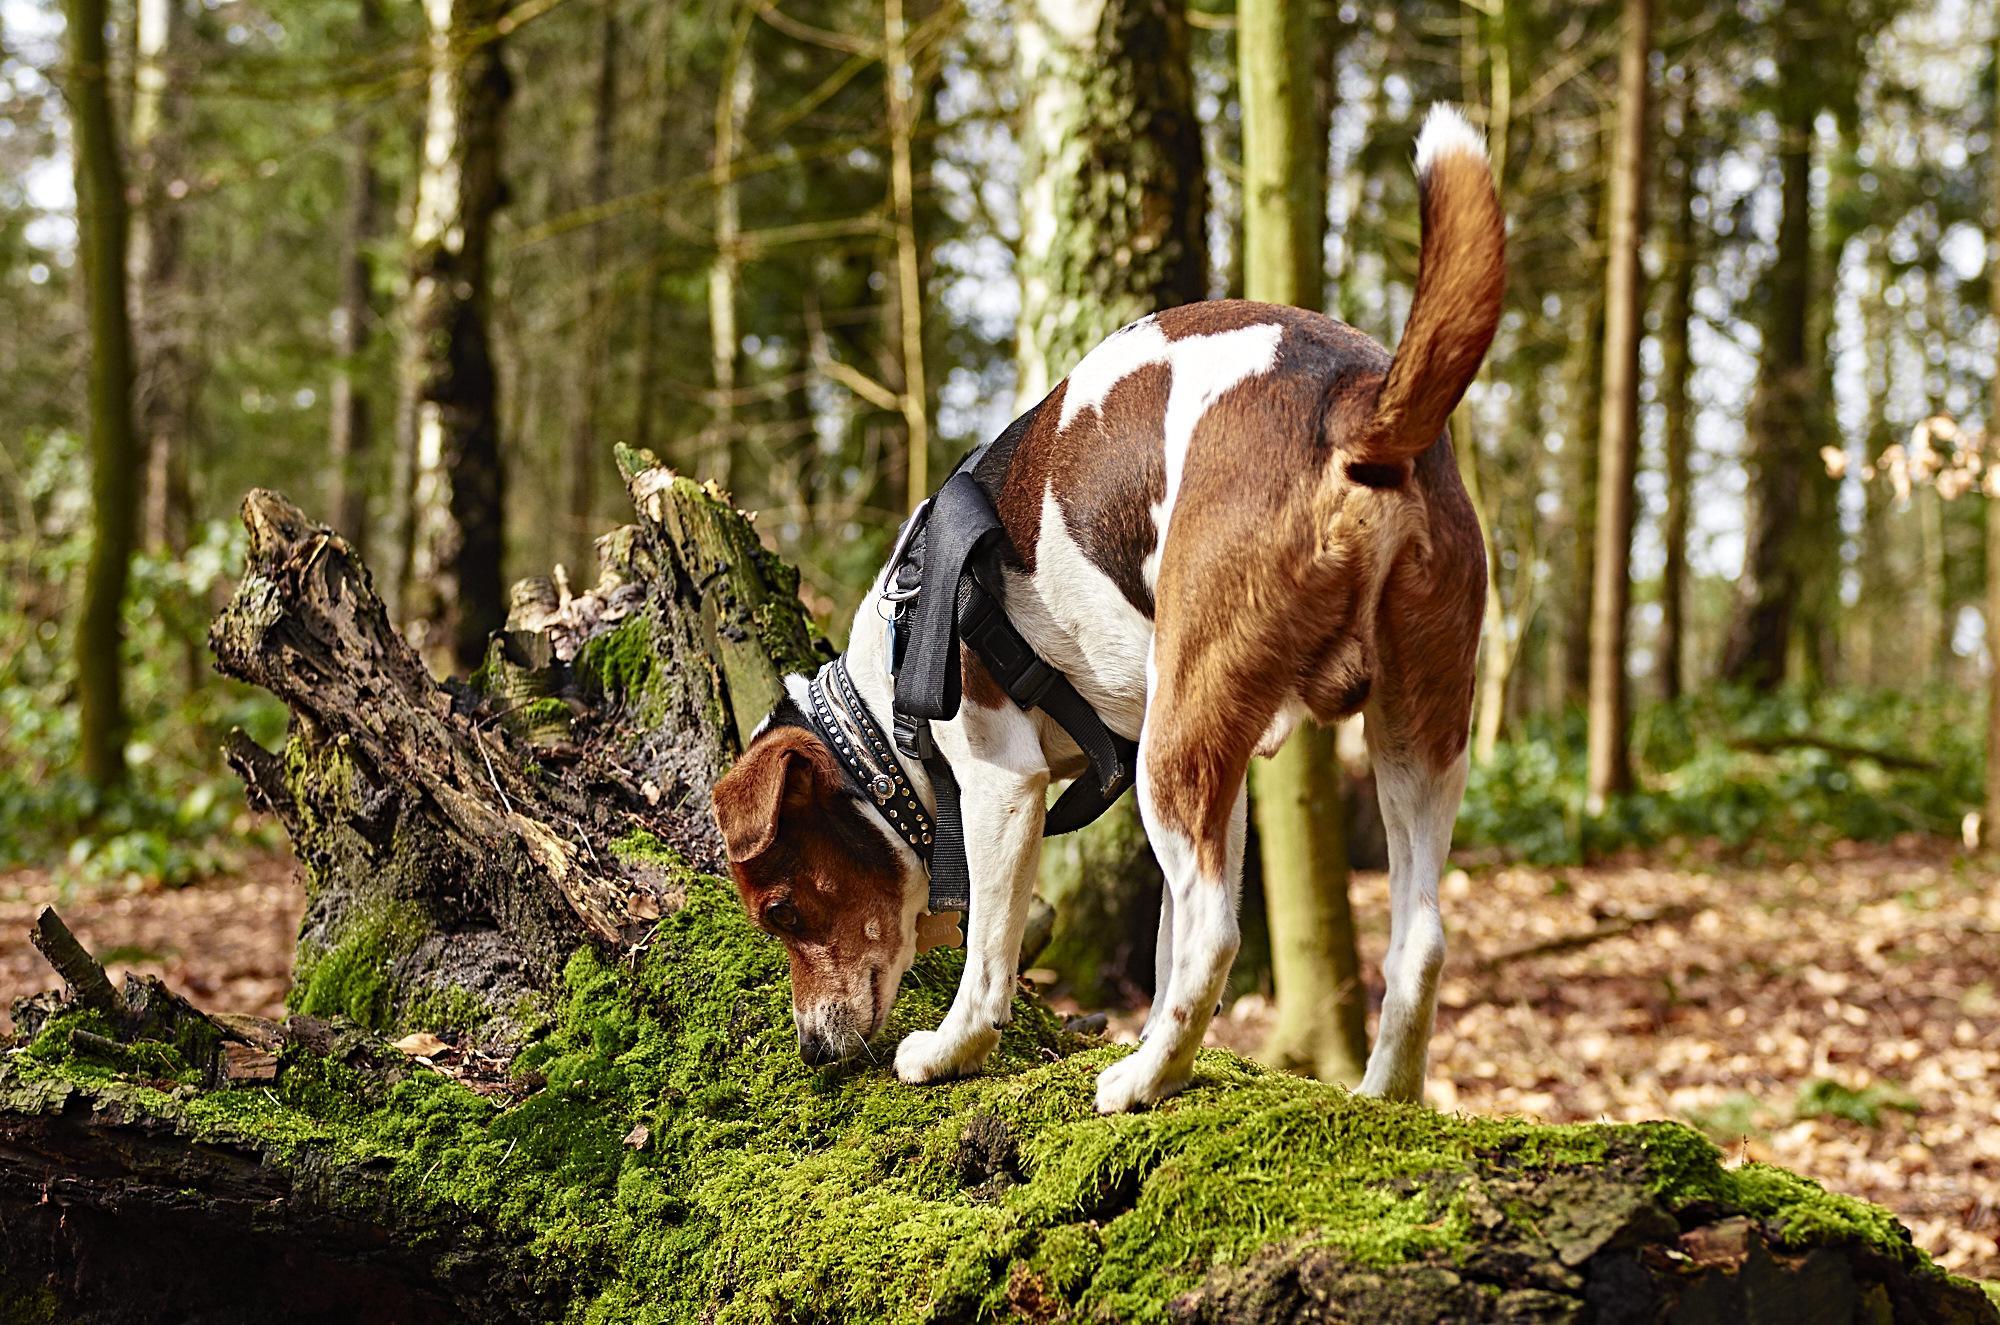 Ein Hund steht beim Fun-Kurs in Hamburg auf einem Baumstamm und schnüffelt